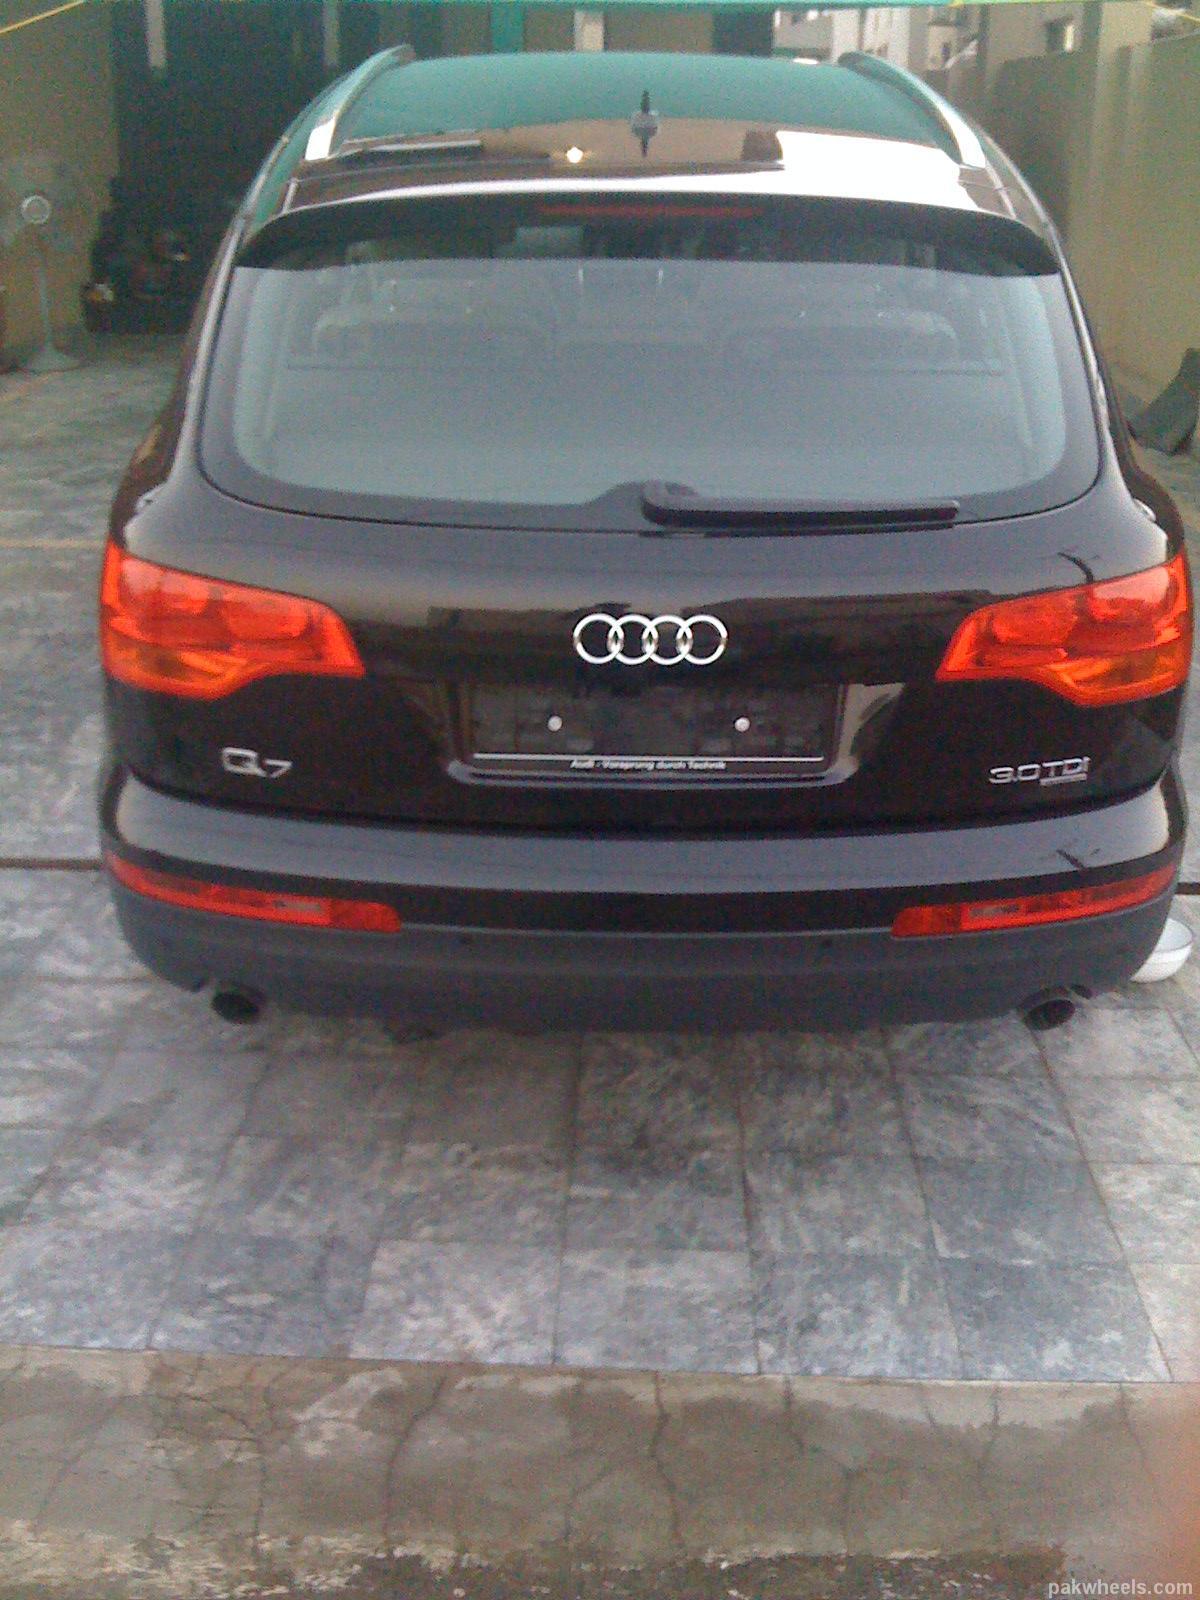 Audi Q7 - 2009 AU Image-1